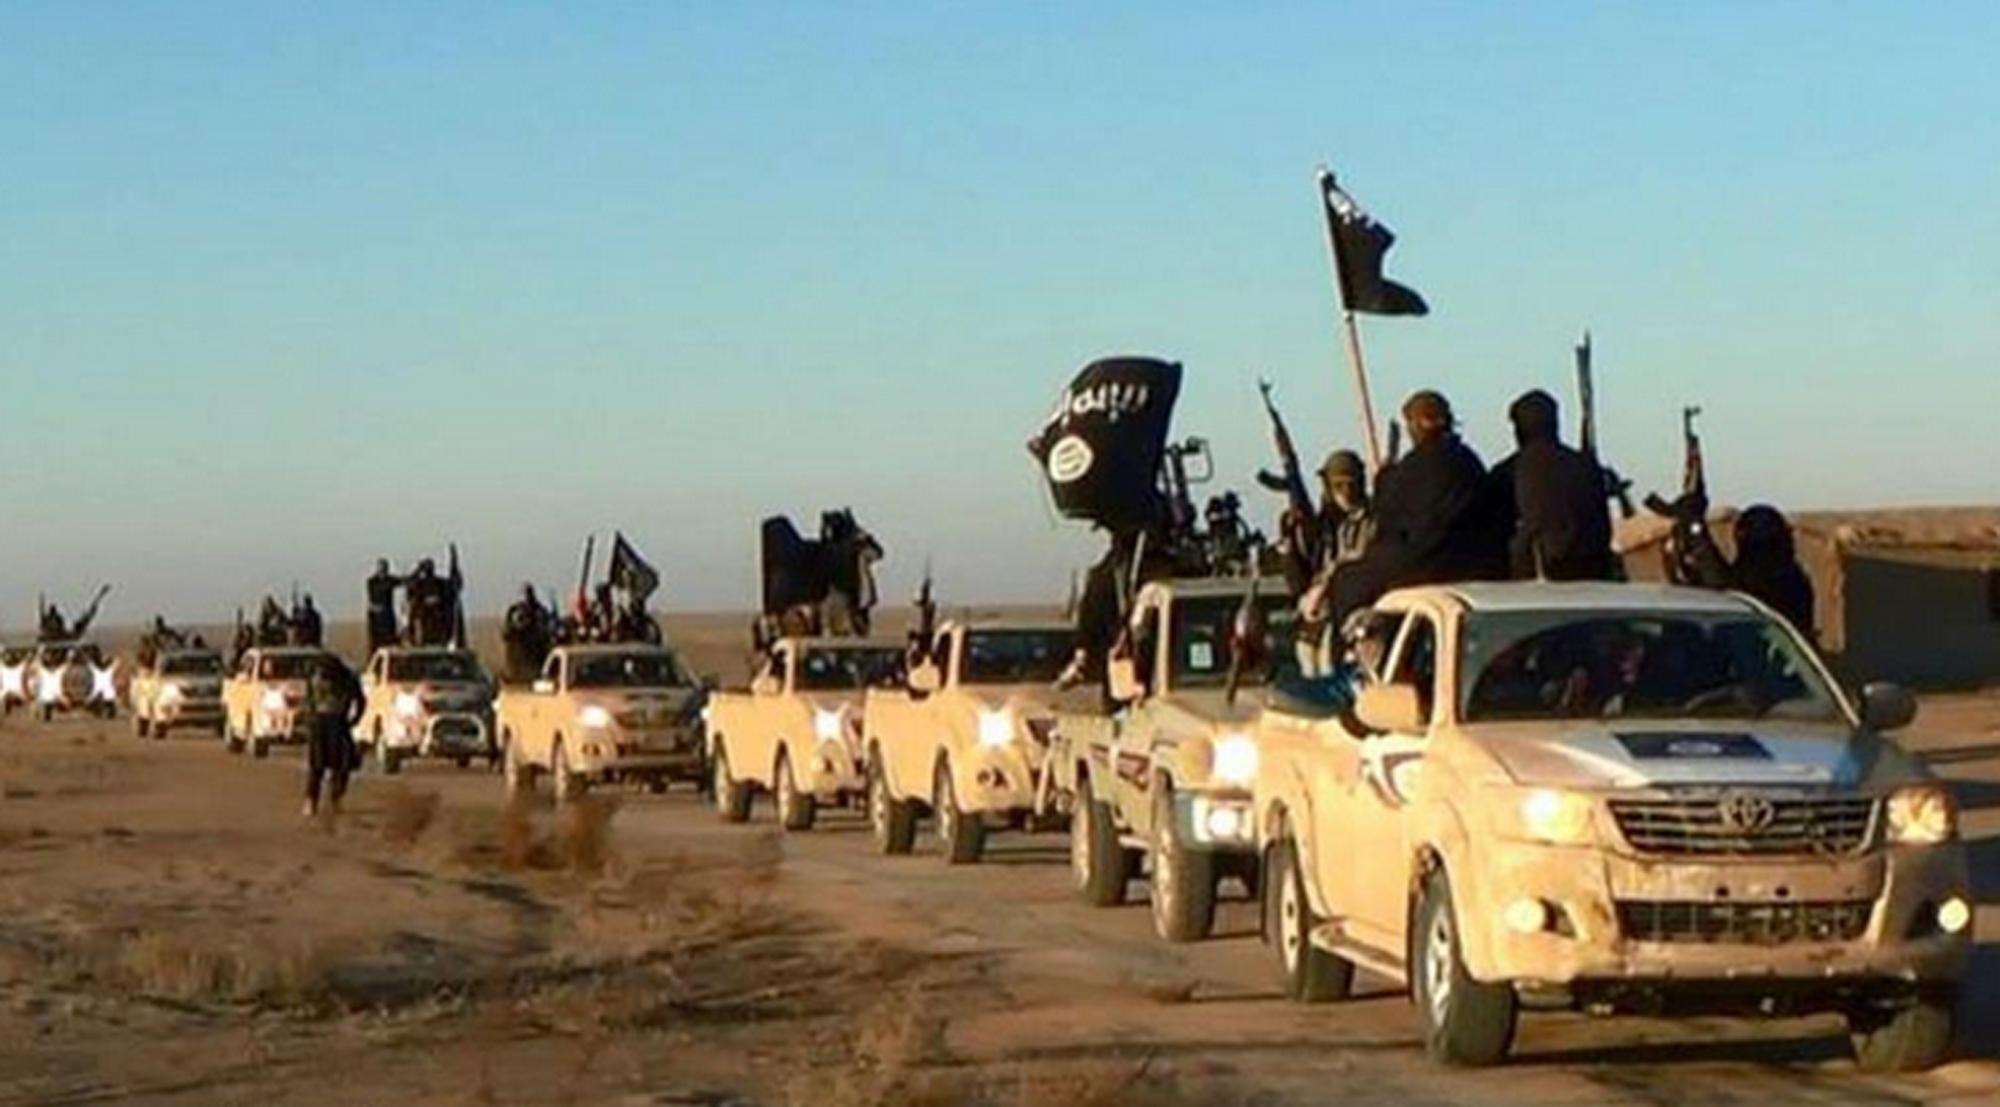 ВТурции арестован один изглаварей ИГИЛ